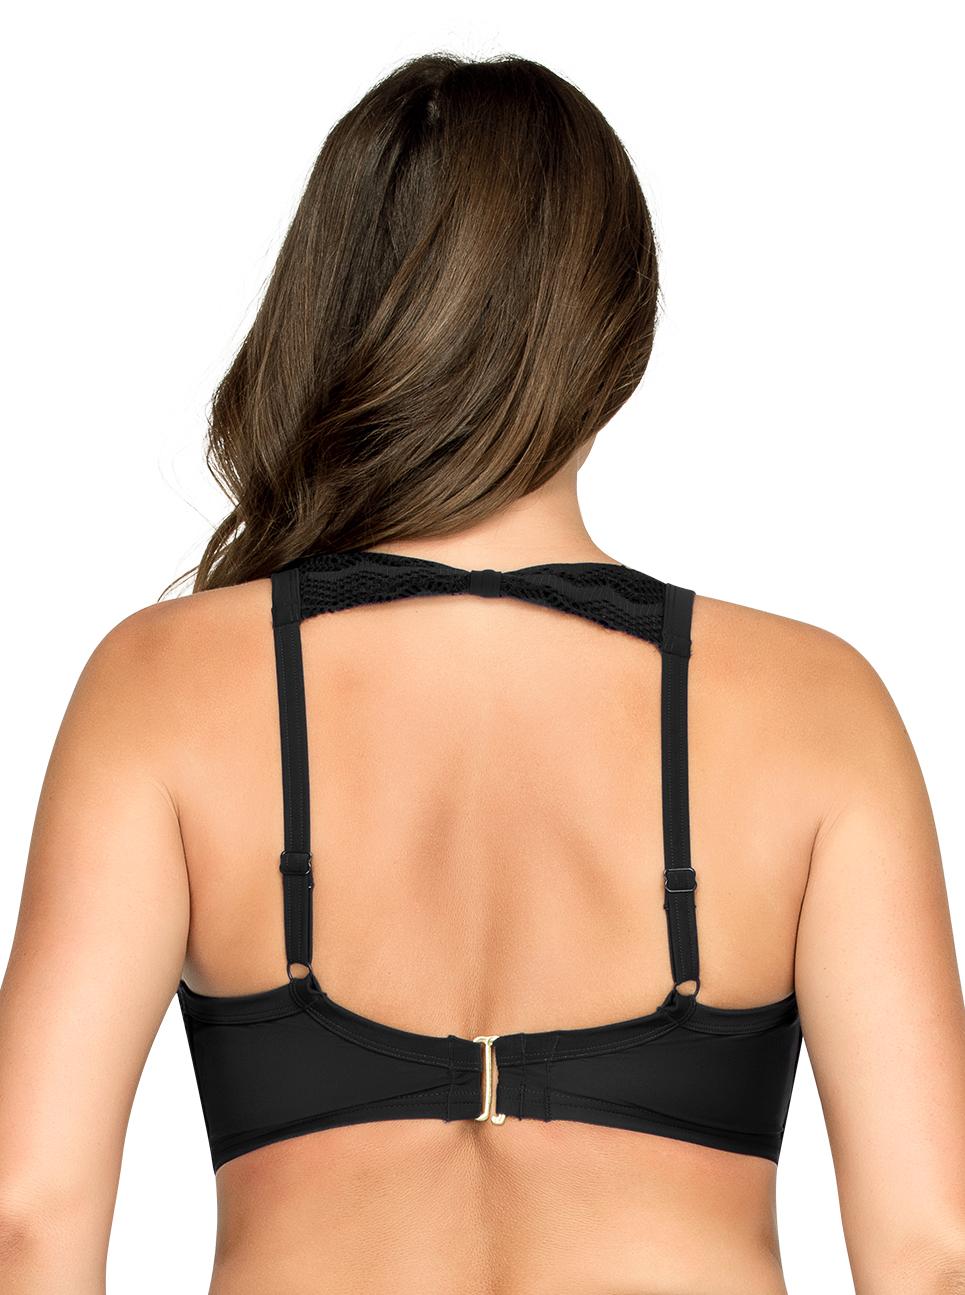 PARFAIT Keira HalterNeckBikiniTopS8071 Black Back - Keira Halter-Neck Bikini Top Black S8071